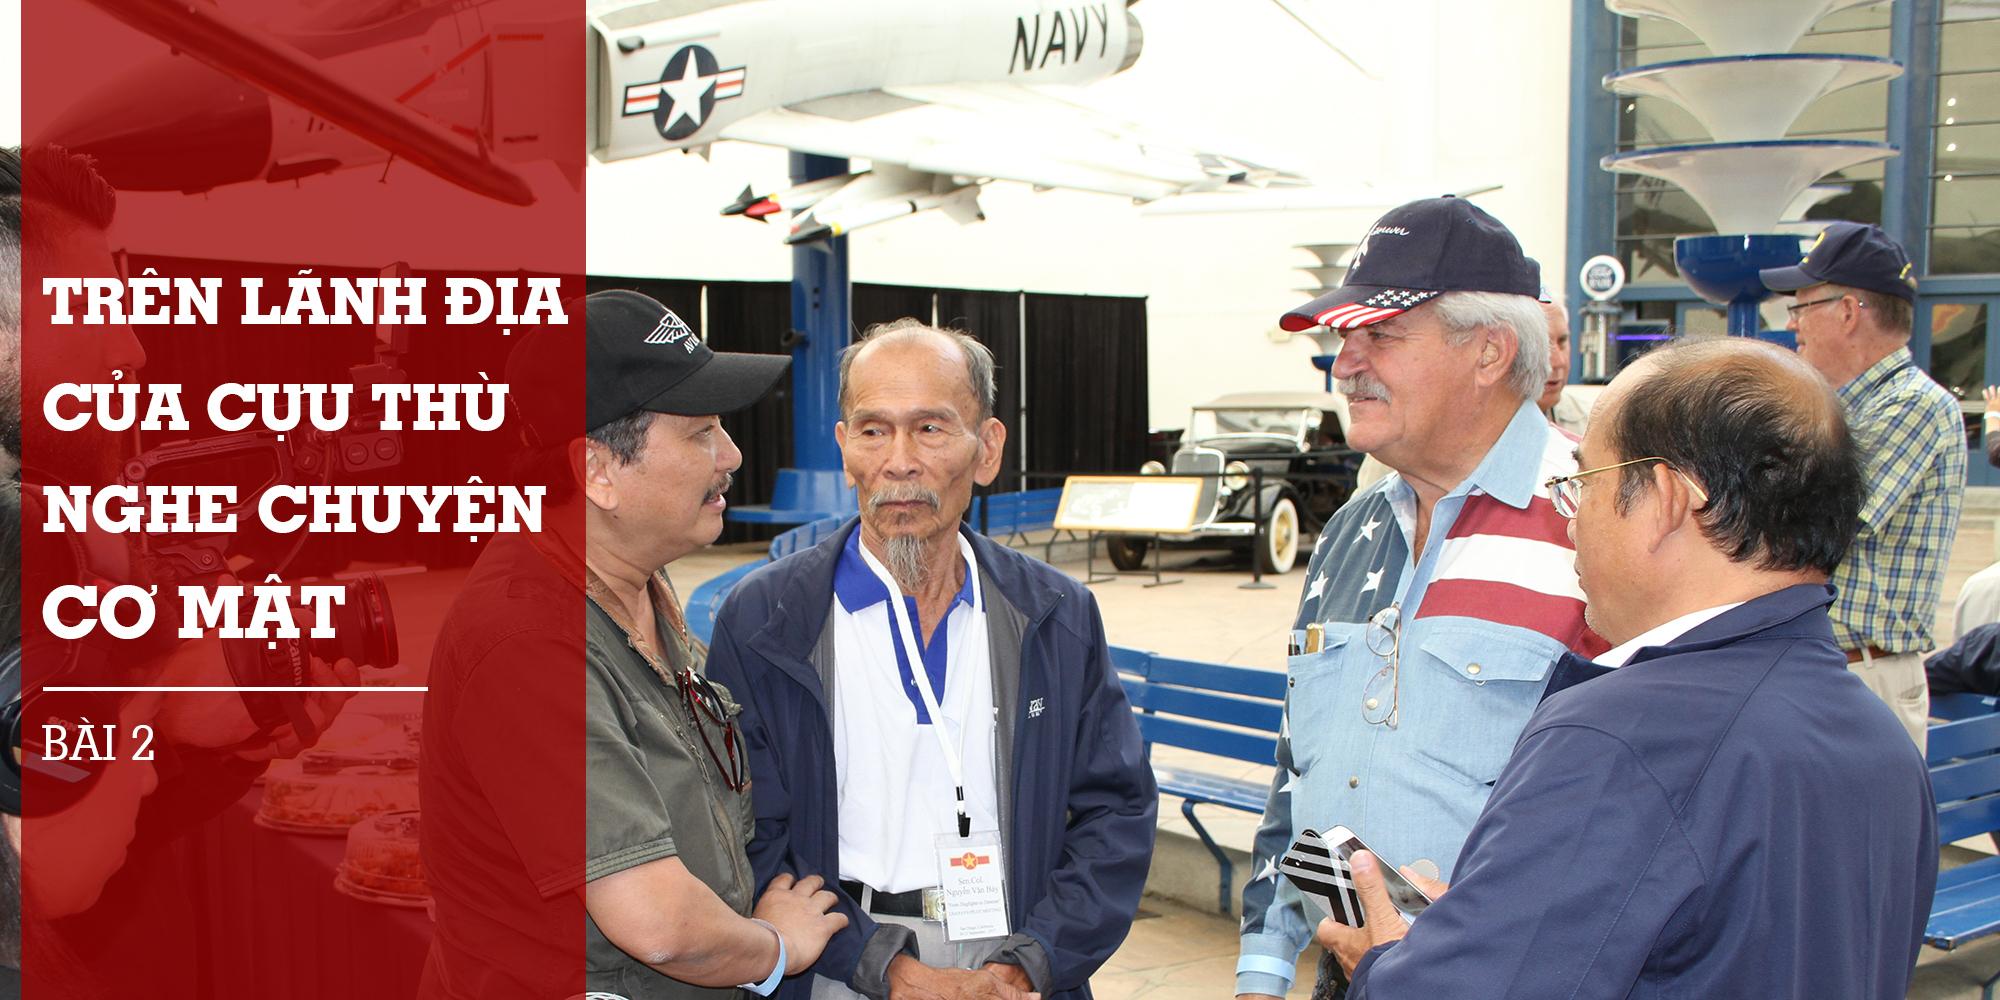 Điện Biên Phủ trên không,Hà Nội 12 ngày đêm,Phi công Việt Nam,MiG-17,Tàu sân bay,Chiến tranh chống Mỹ